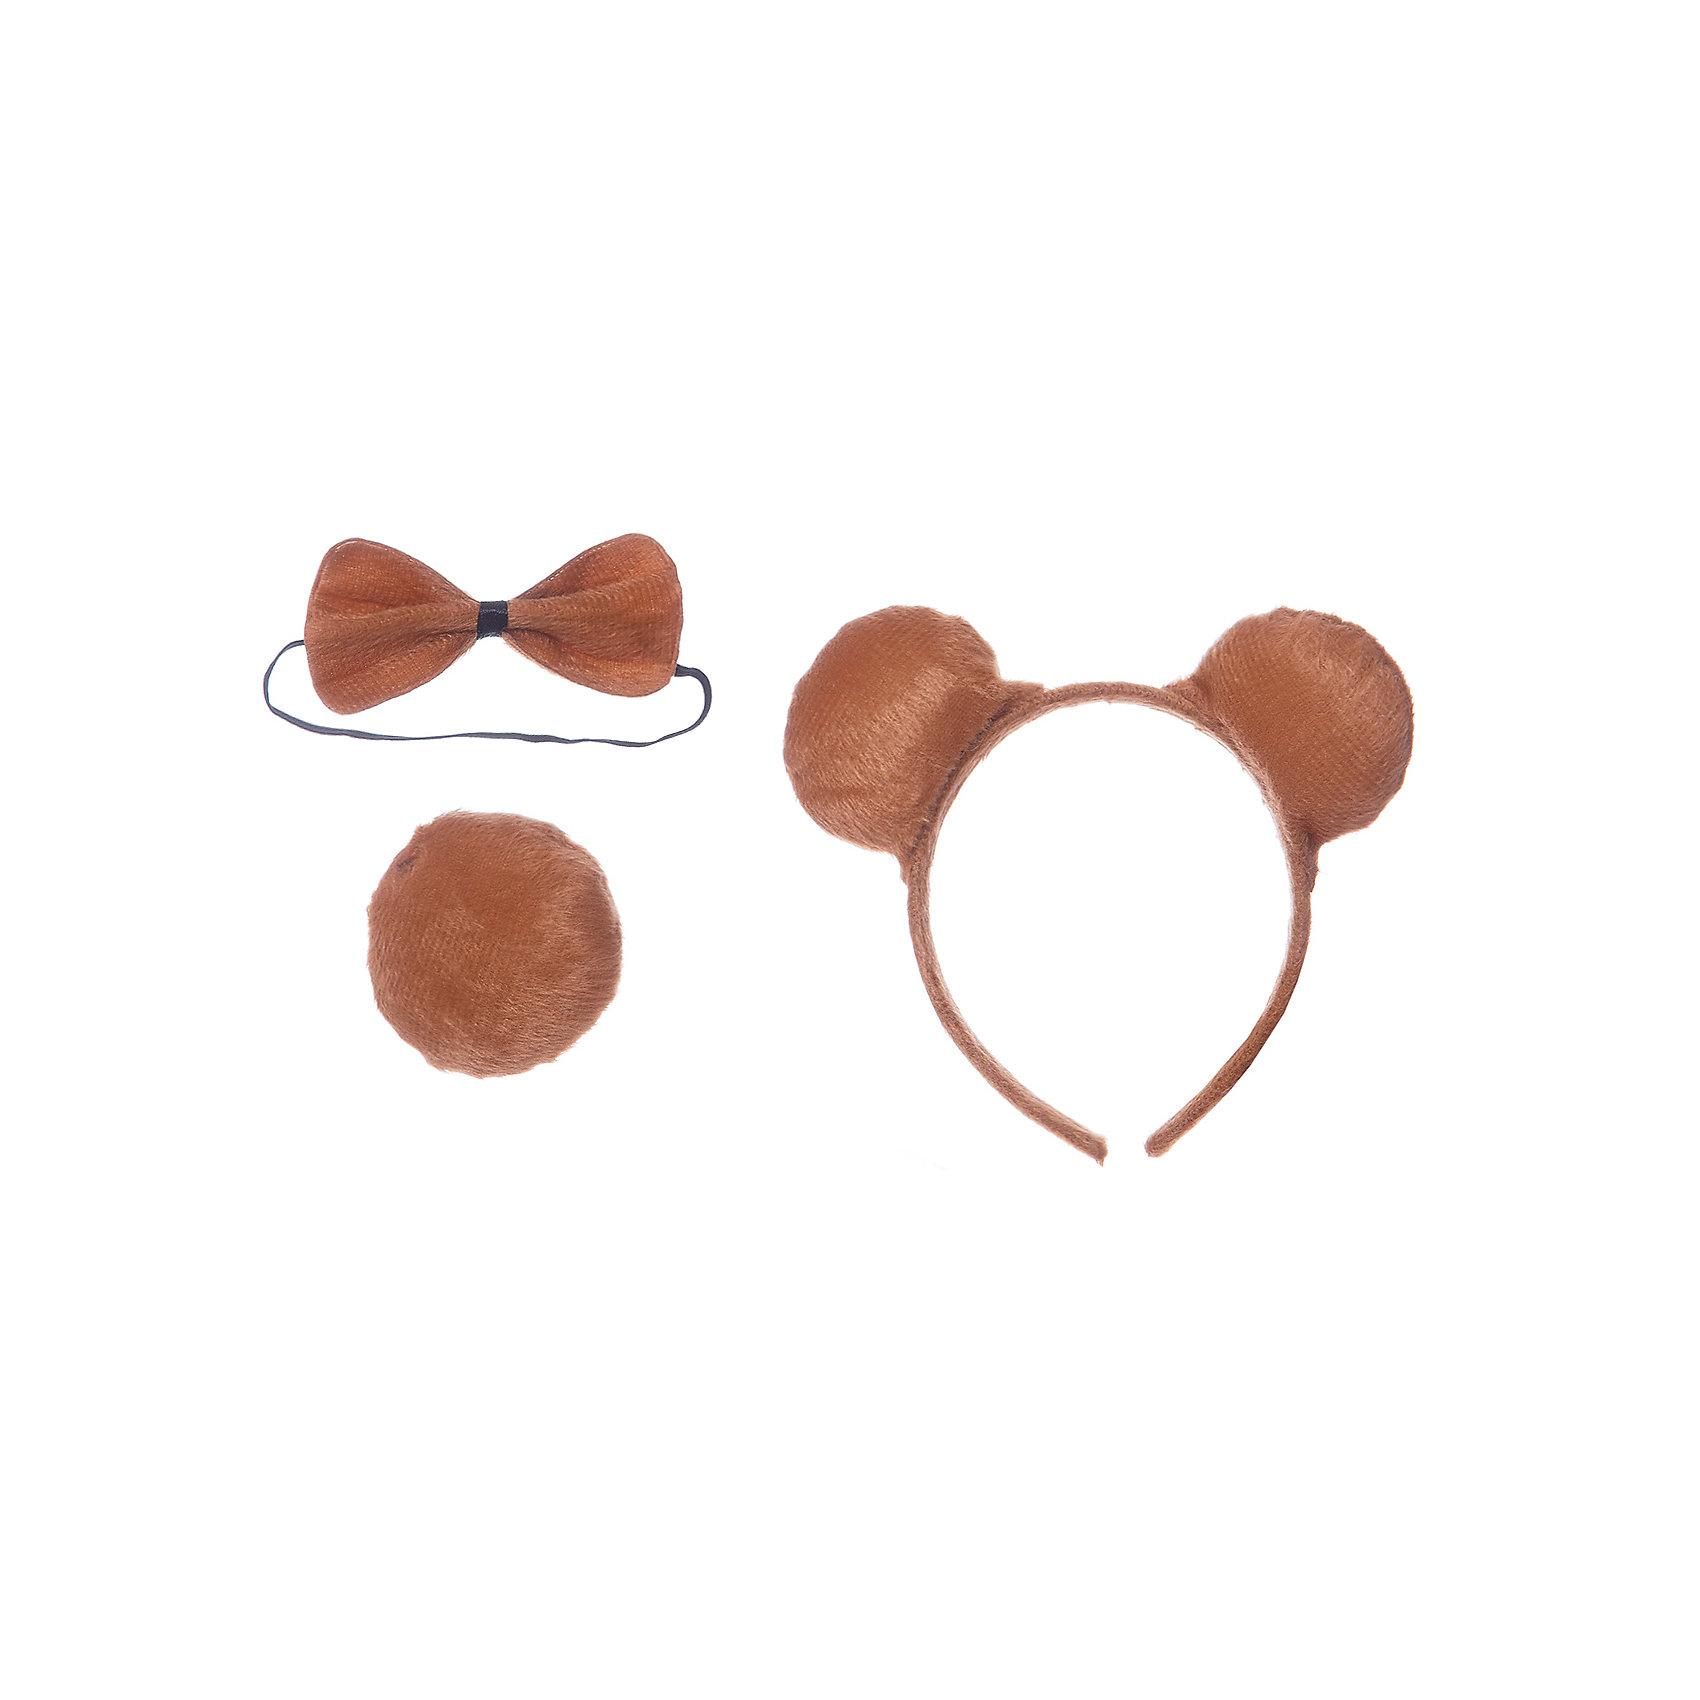 Маскарадный набор Медвежонок (3 предмета)Карнавальные аксессуары для детей<br>С этим замечательным набором ваш ребенок очень быстро перевоплотится в веселого озорного медвежонка! Маскарадный набор Медвежонок- прекрасный вариант для веселого праздника или же небольшого новогоднего презента.  <br><br>Дополнительная информация:<br><br>- Материал: полиэстер, пластик. <br>- Размер: 20х25 см. <br>- Комплектация: галстук-бабочка, ободок, хвостик.<br><br>Маскарадный набор Медвежонок (3 предмета) можно купить в нашем магазине.<br><br>Ширина мм: 230<br>Глубина мм: 220<br>Высота мм: 10<br>Вес г: 35<br>Возраст от месяцев: 36<br>Возраст до месяцев: 2147483647<br>Пол: Мужской<br>Возраст: Детский<br>SKU: 4981307